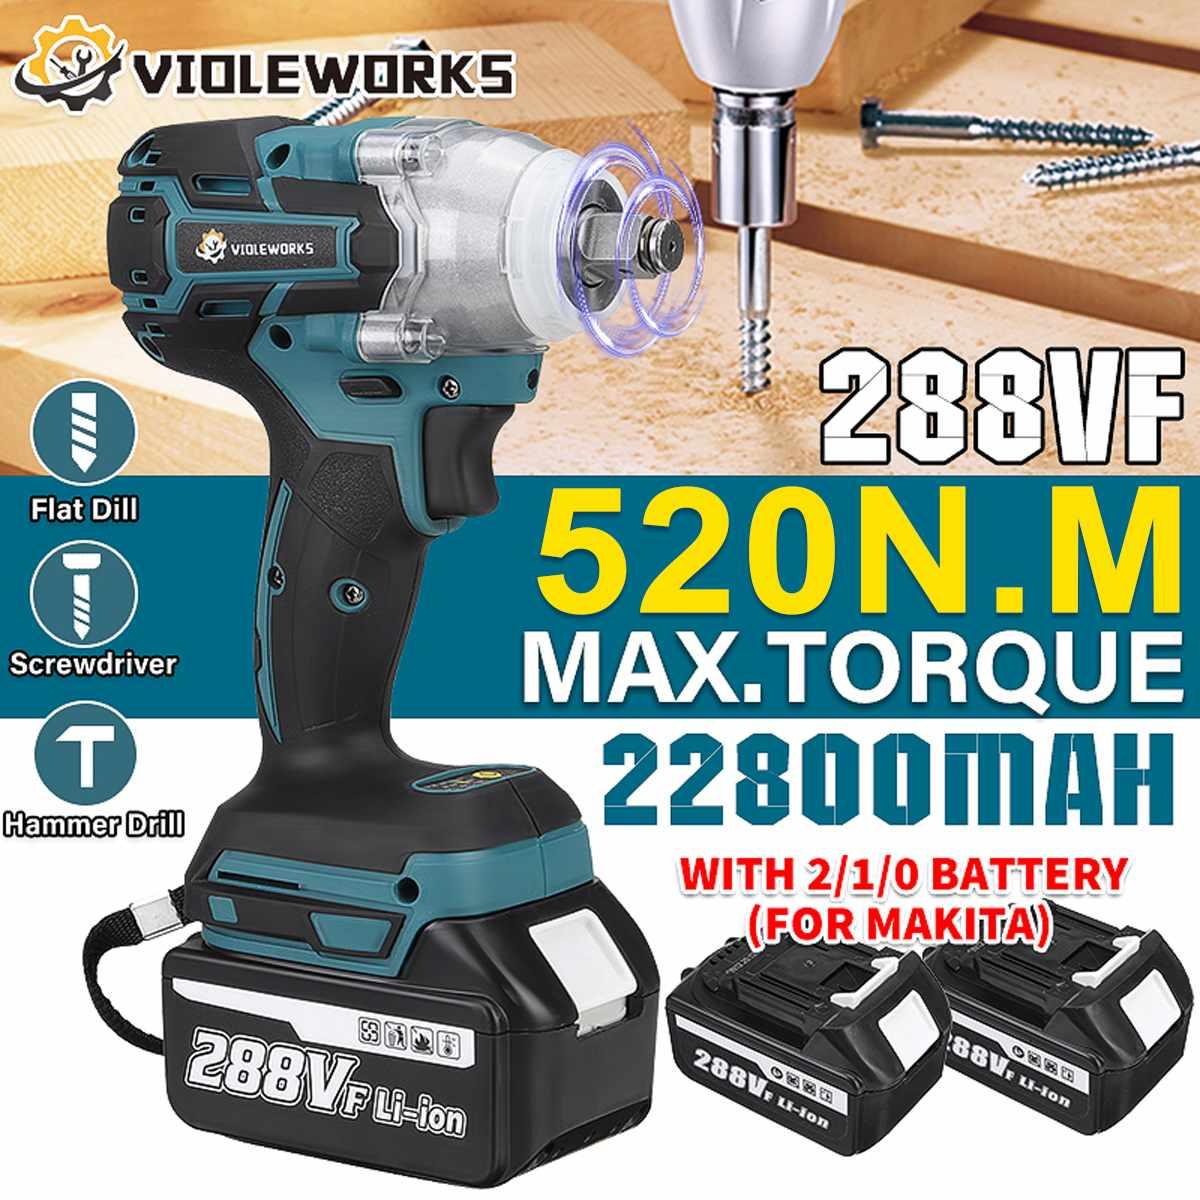 جديد 22800mAh 288VF فرش مفتاح برغي كهربائي 1/2 بطارية ليثيوم أيون 6200rpm 520 N.M عزم دوران 110-240 فولت